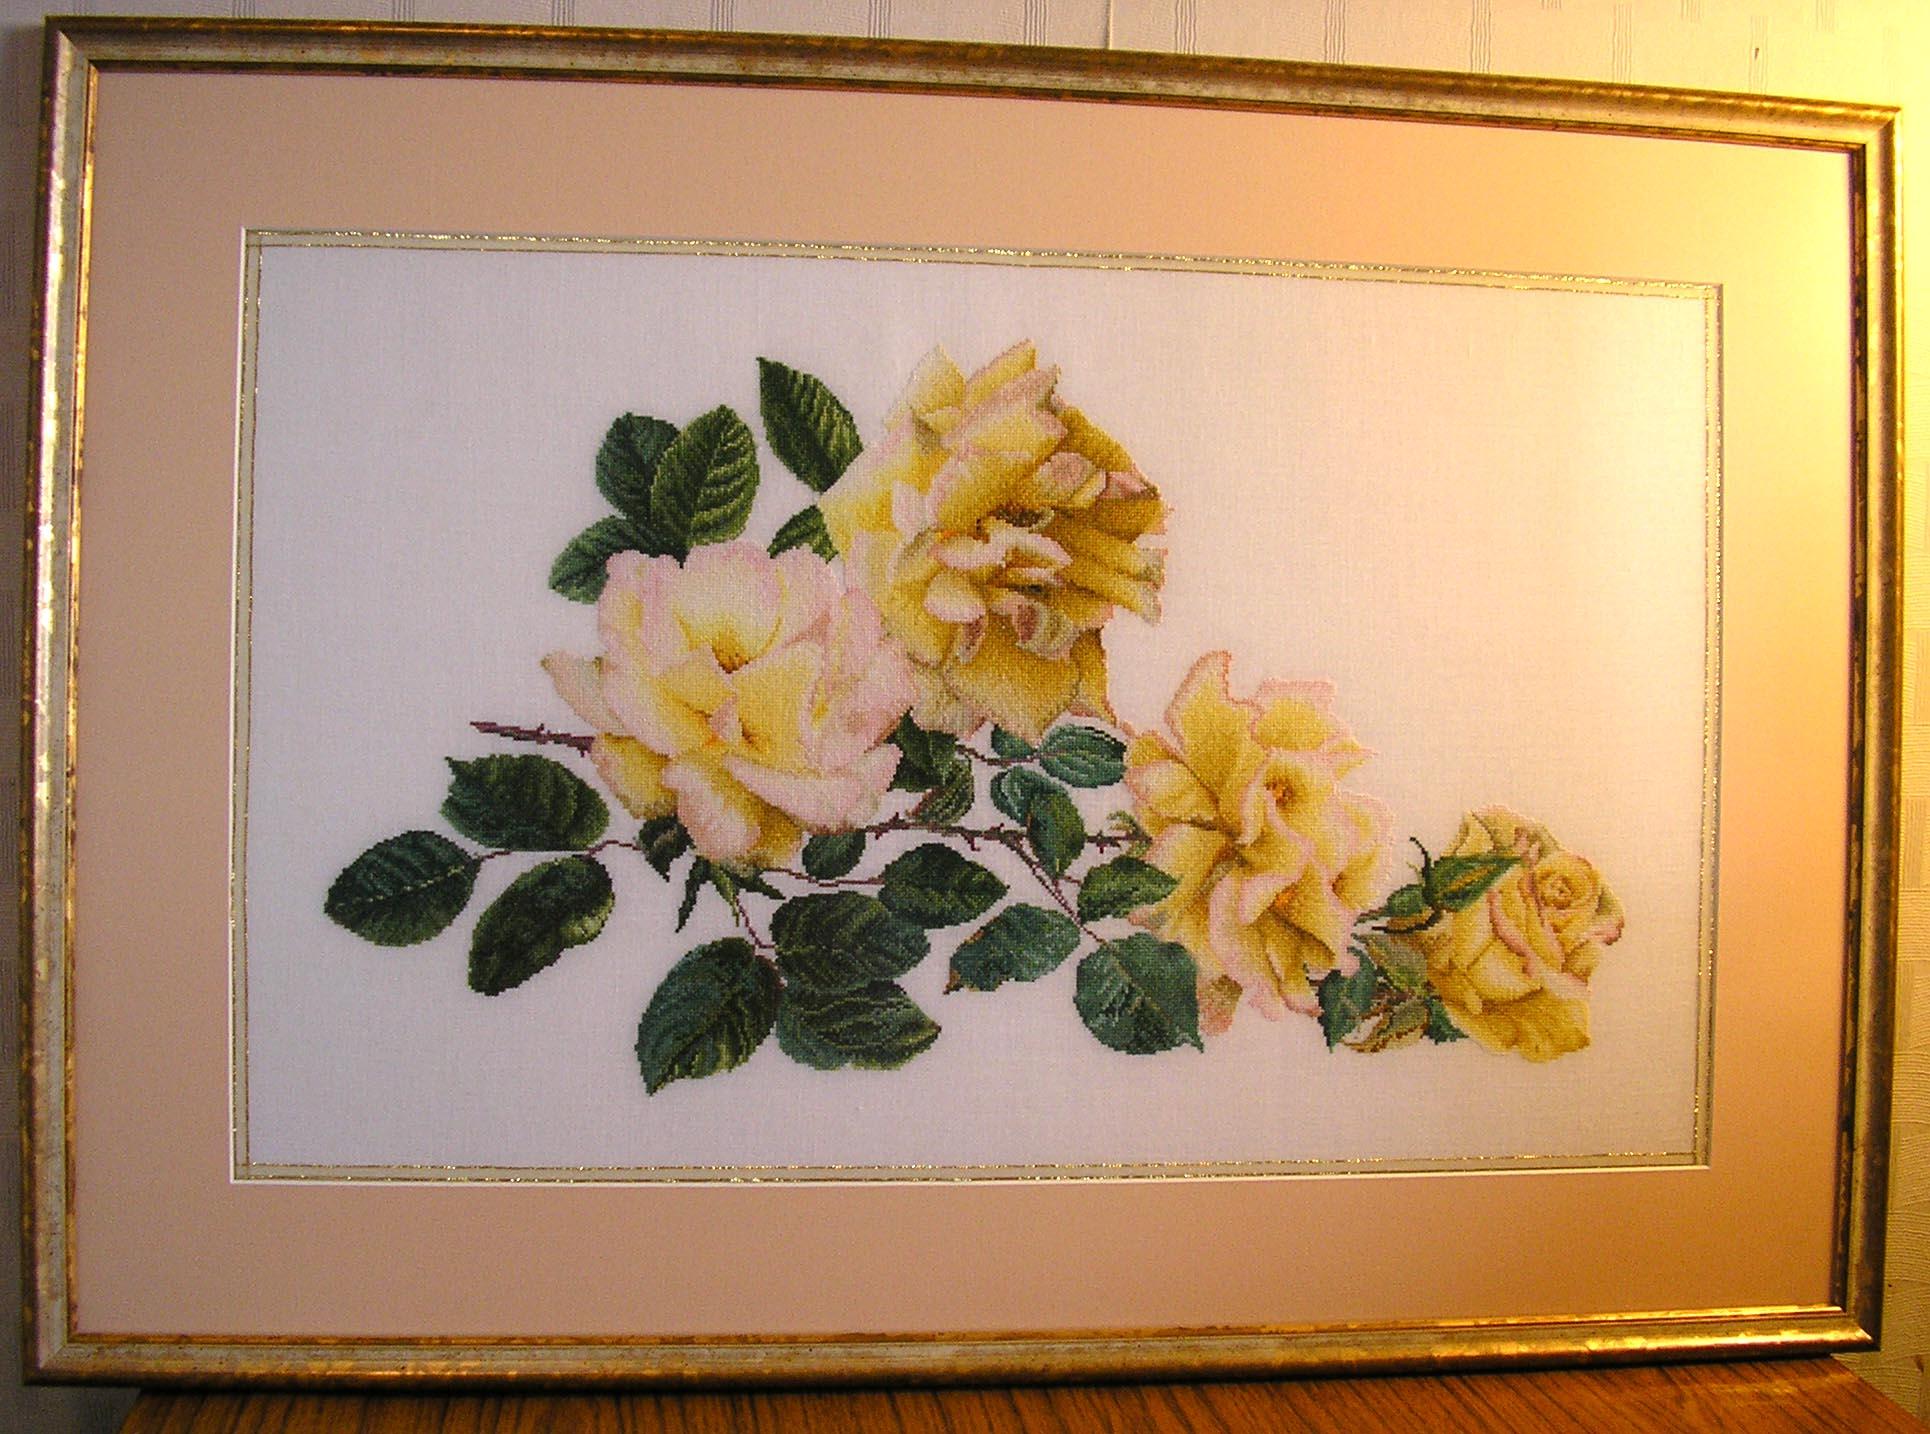 'Желтые розы' , набор Thea Gouverner №429 . Растения (в основном цветы)